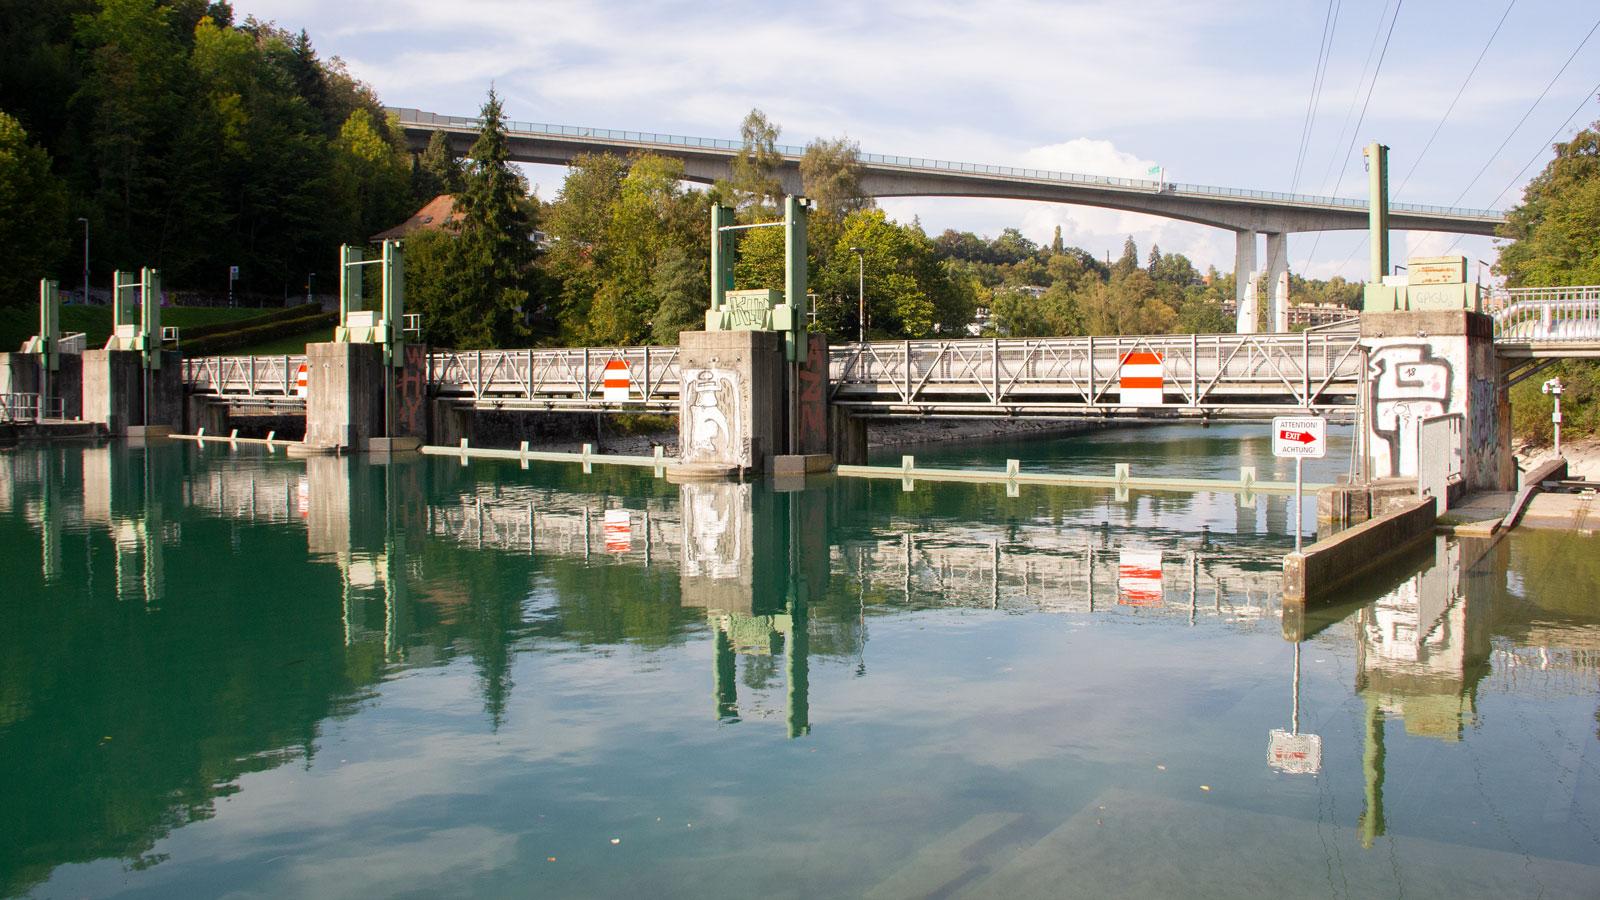 Am Stauwehr wird ein Grossteil des Aarewassers in den unterirdischen Zulaufstollen des Kraftwerks Felsenau ausgeleitet